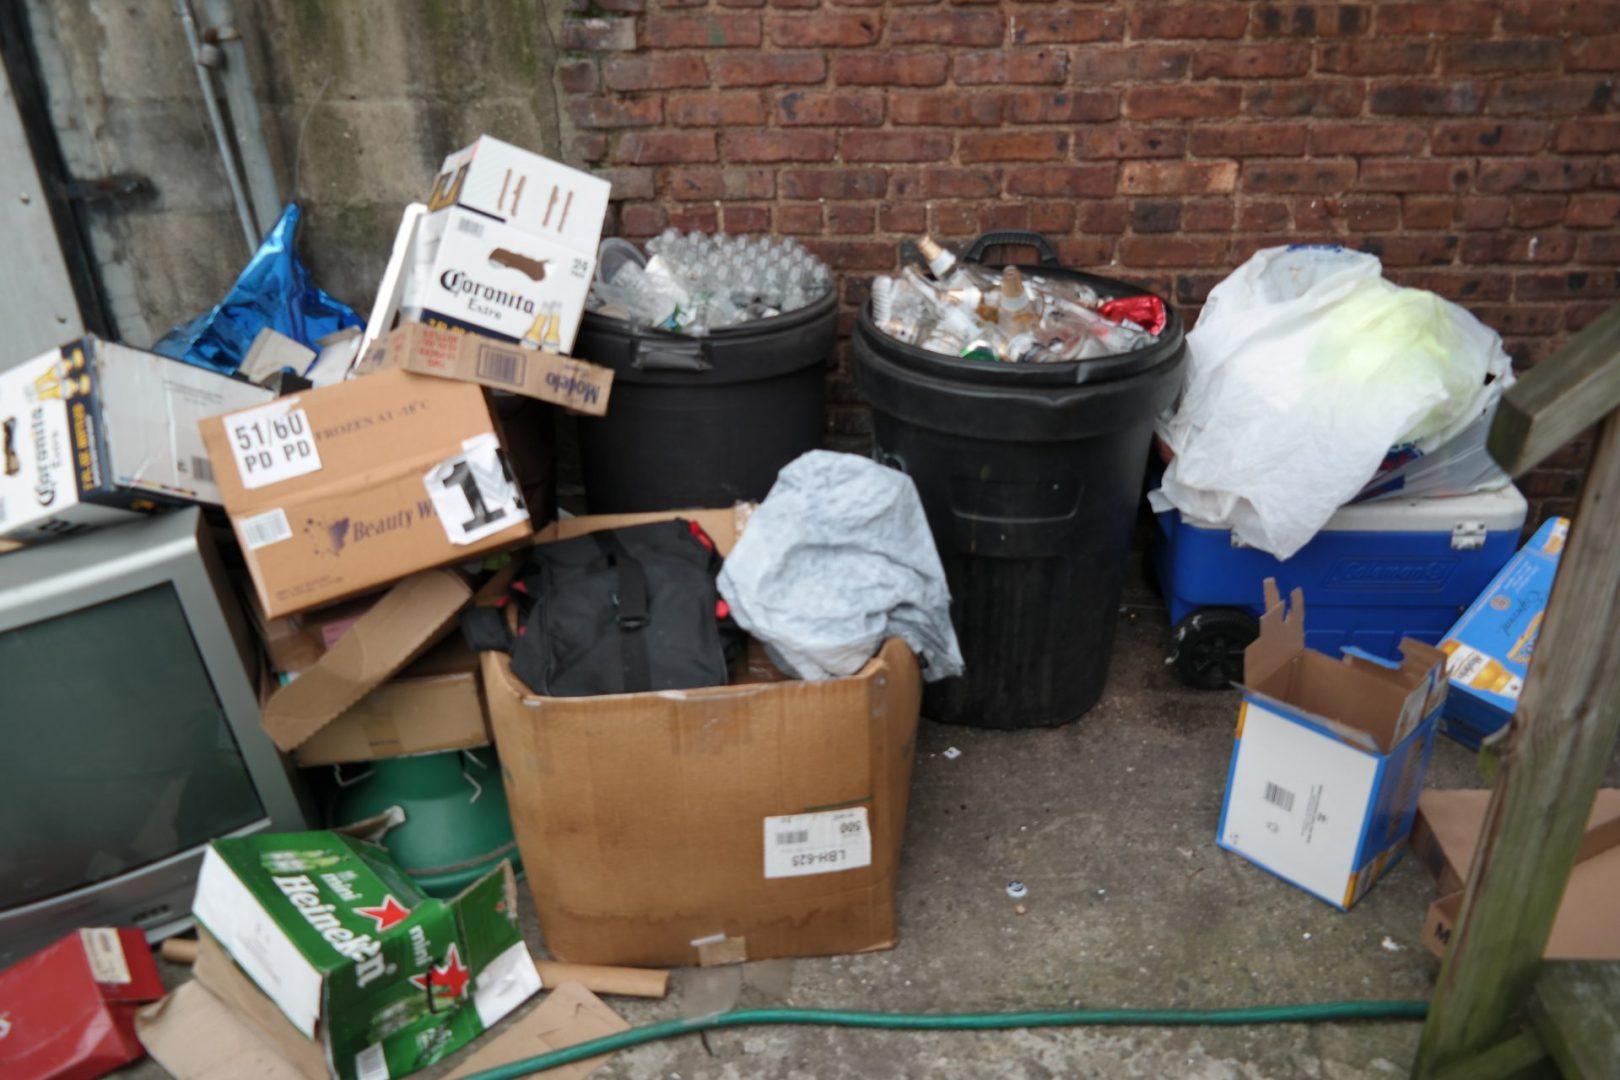 Foto28 Lixo New Jersey scaled Aplicativo lembra o dia de pôr o lixo nas ruas em NJ